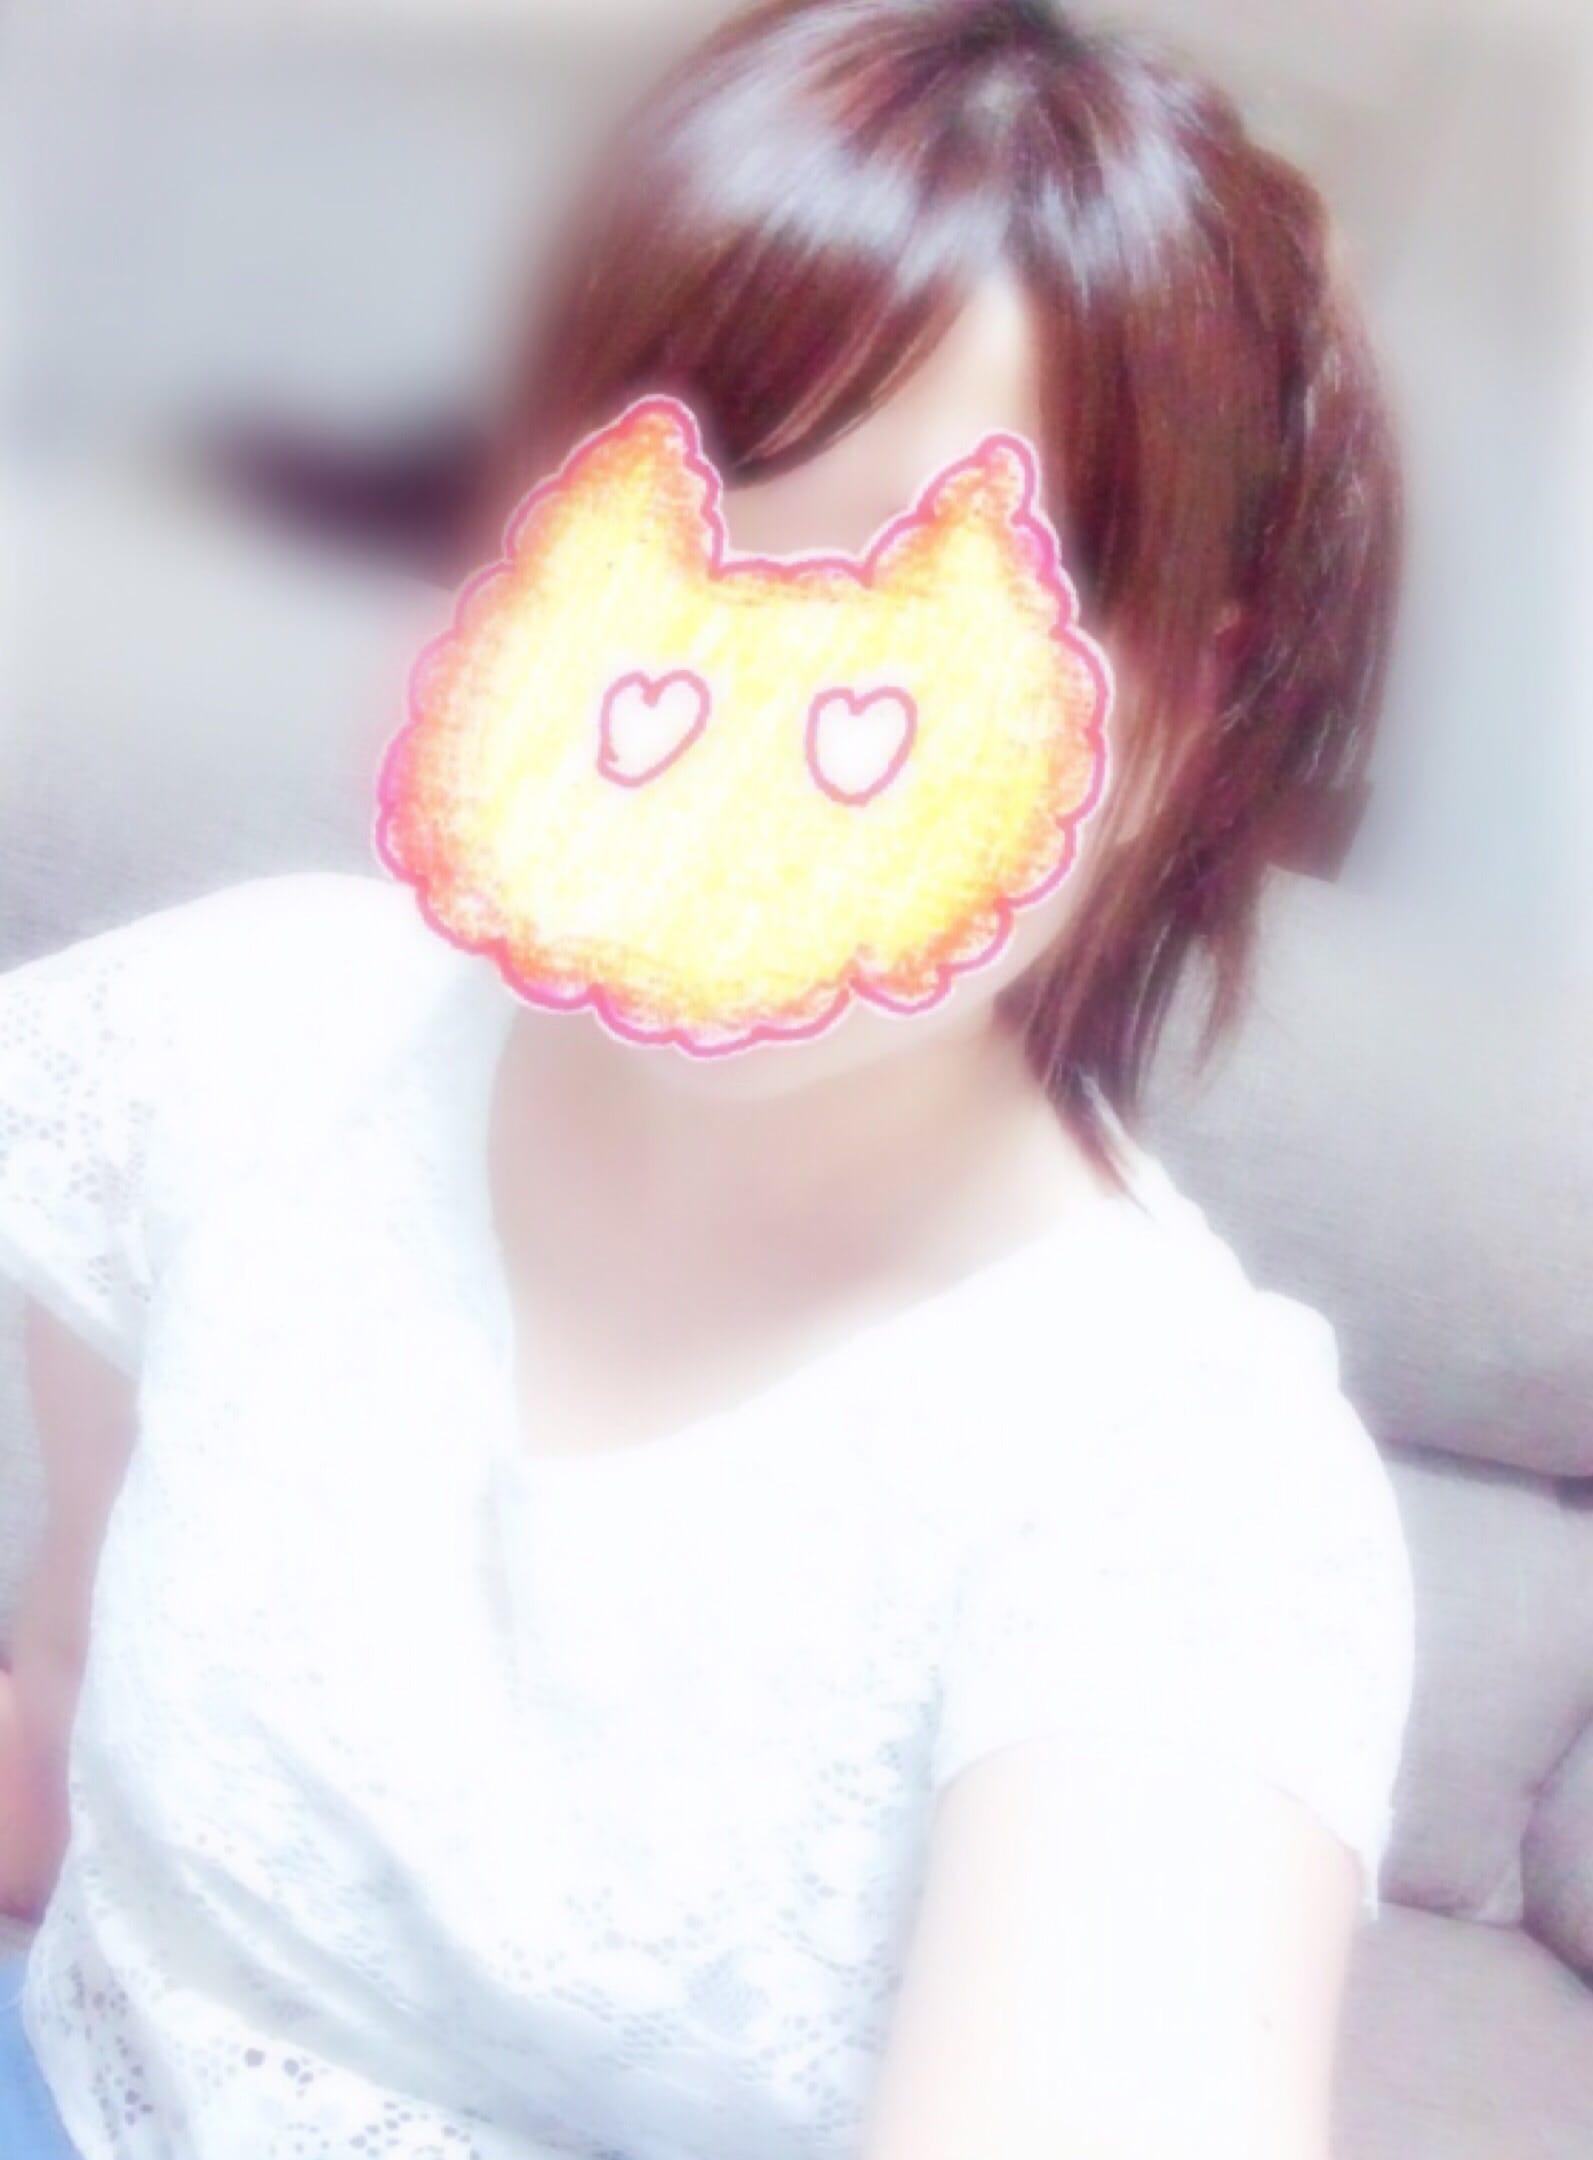 まり「本指  Yさん」09/23(土) 07:18   まりの写メ・風俗動画